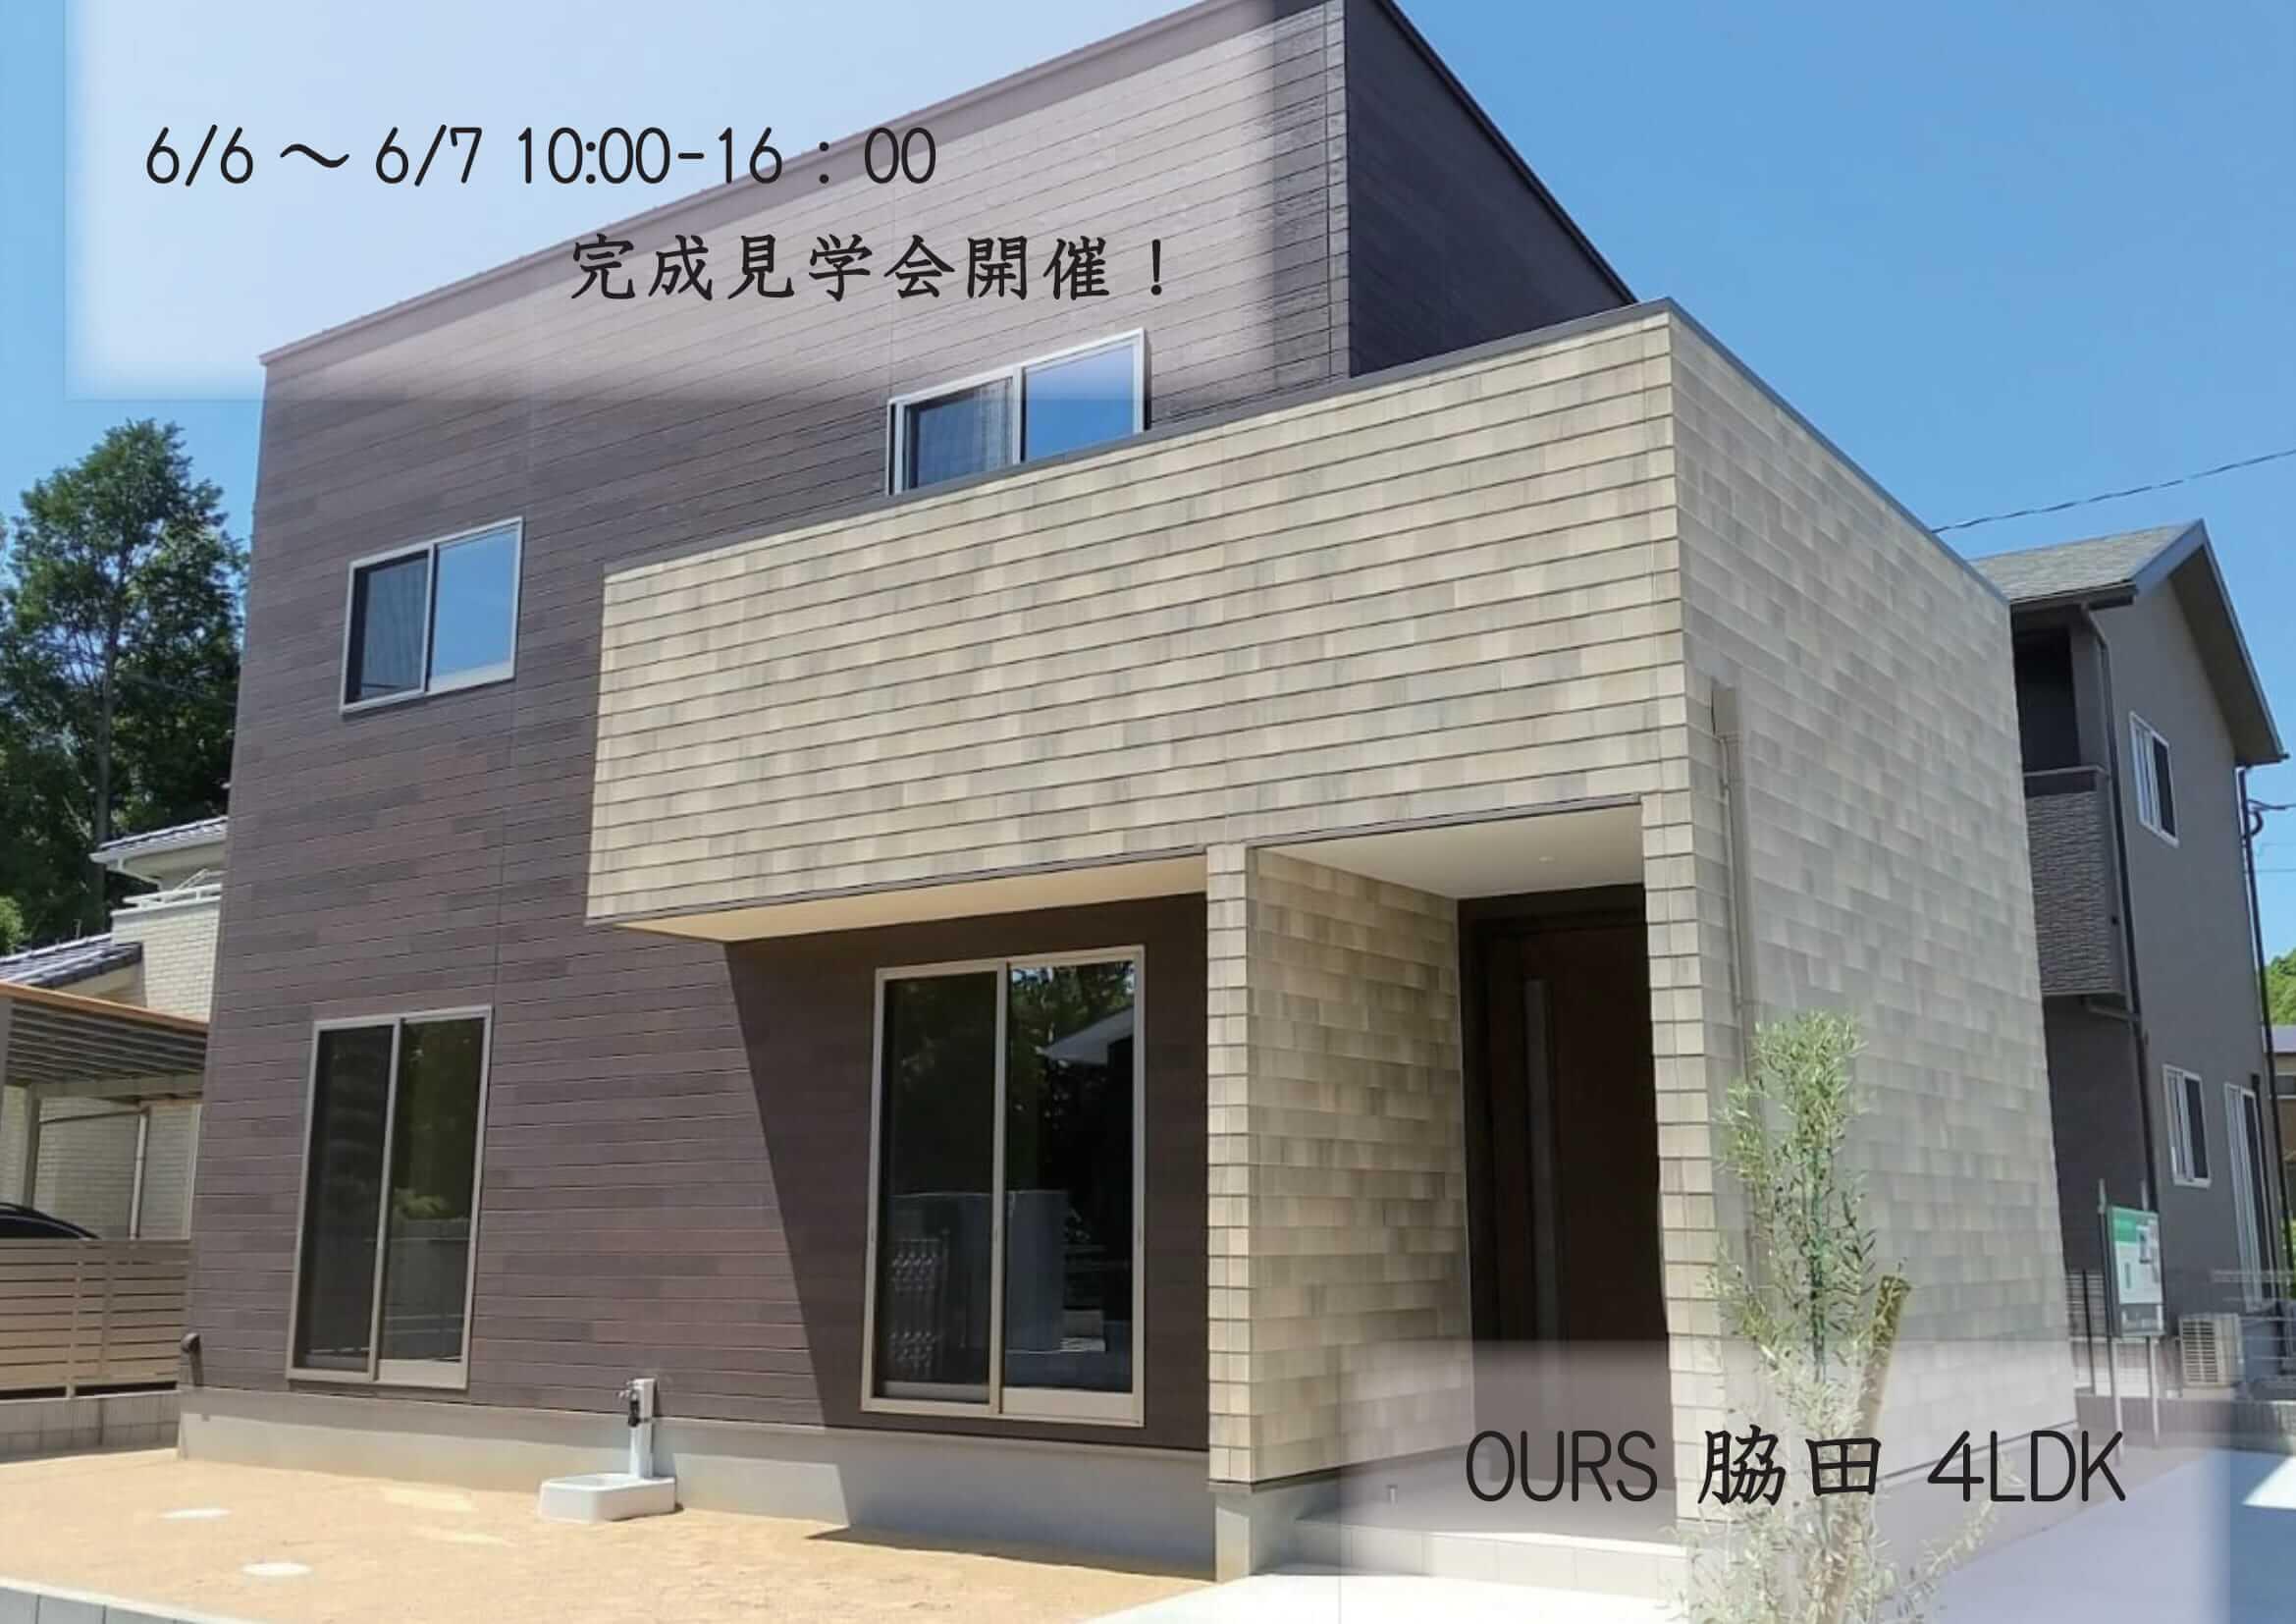 伊万里市脇田町新築住宅「OURS伊万里脇田」見学会案内